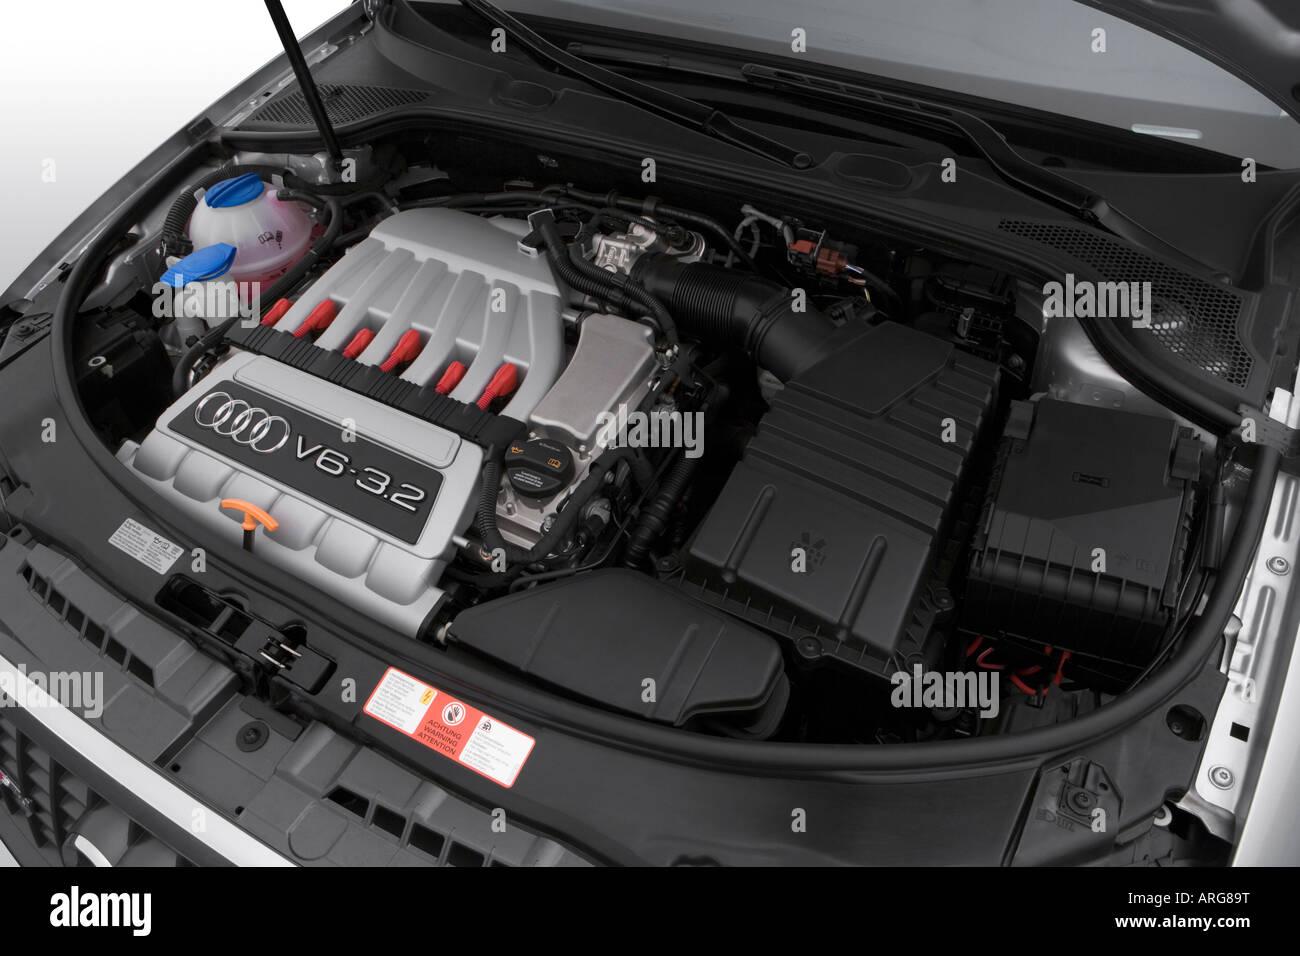 2007 audi a3 3 2 quattro in silver engine